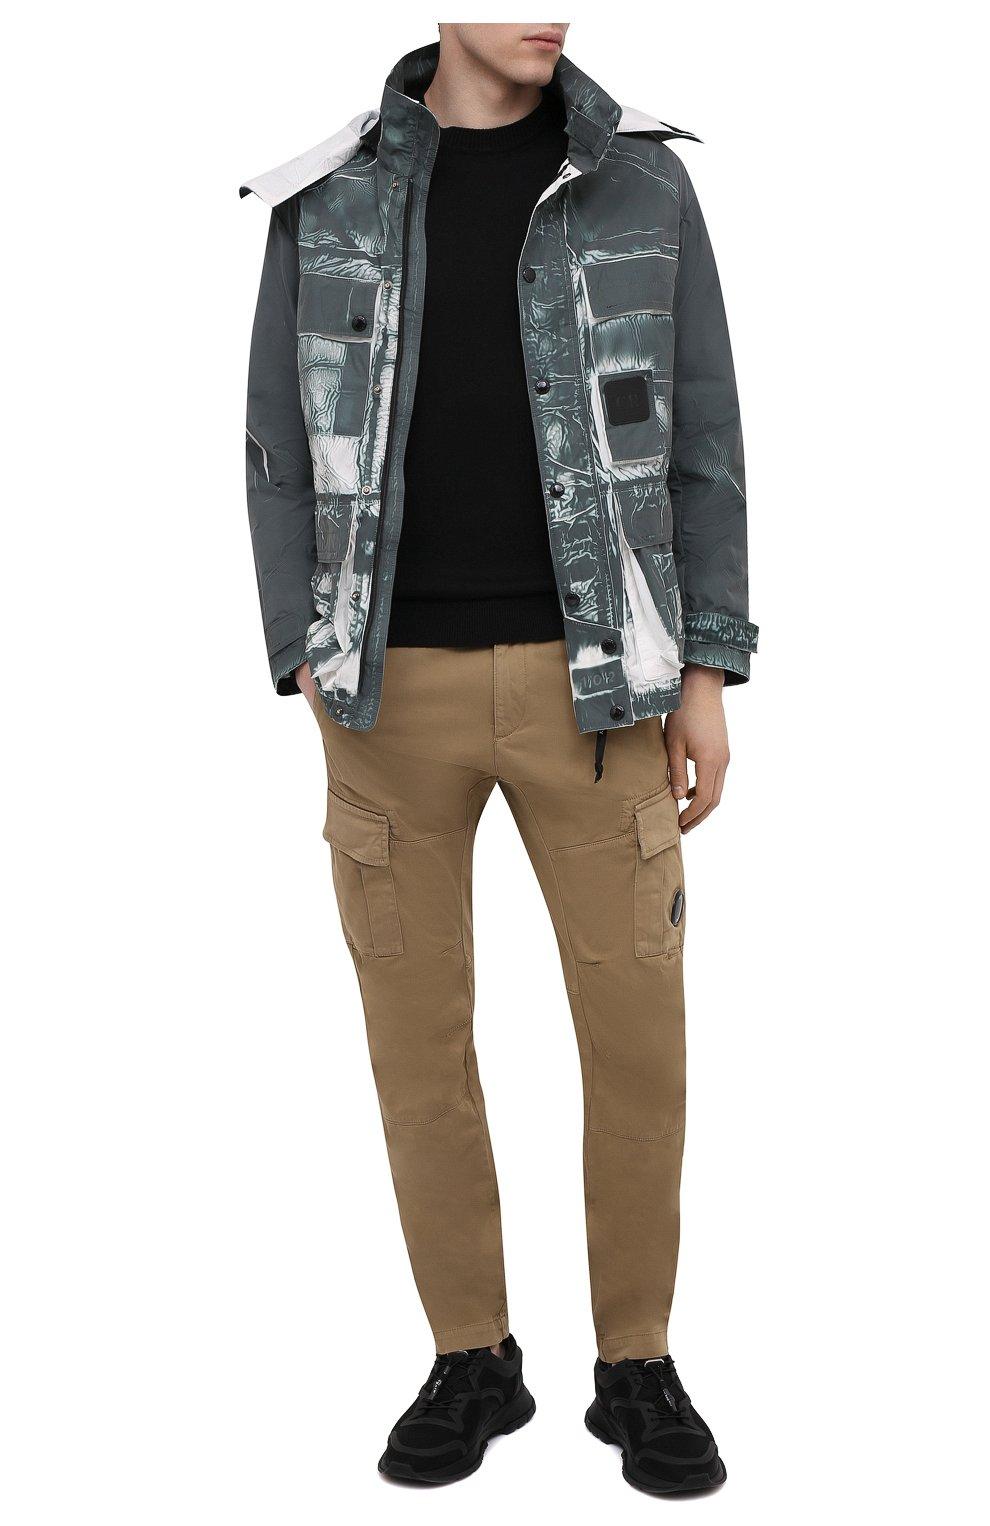 Мужская куртка C.P. COMPANY зеленого цвета, арт. 10CM0W214A-005990P | Фото 2 (Кросс-КТ: Куртка, Ветровка; Рукава: Длинные; Материал внешний: Синтетический материал; Длина (верхняя одежда): Короткие; Стили: Кэжуэл)